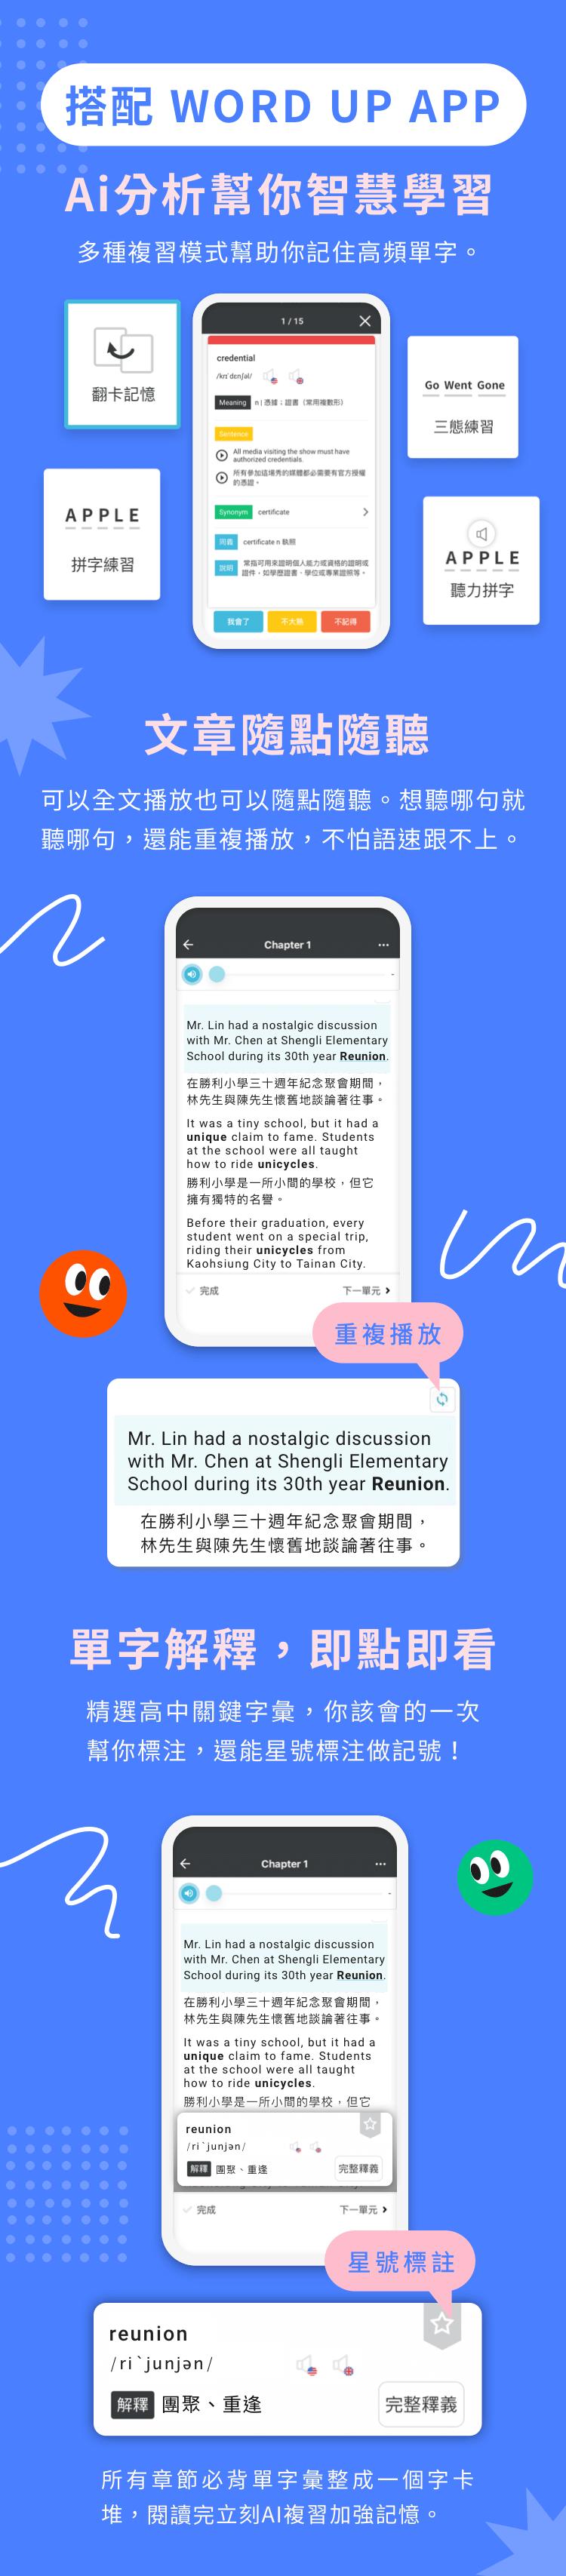 搭配 WordUp App|文章隨點隨聽|單字解釋,即點即看 | 1200 輕鬆學 4000